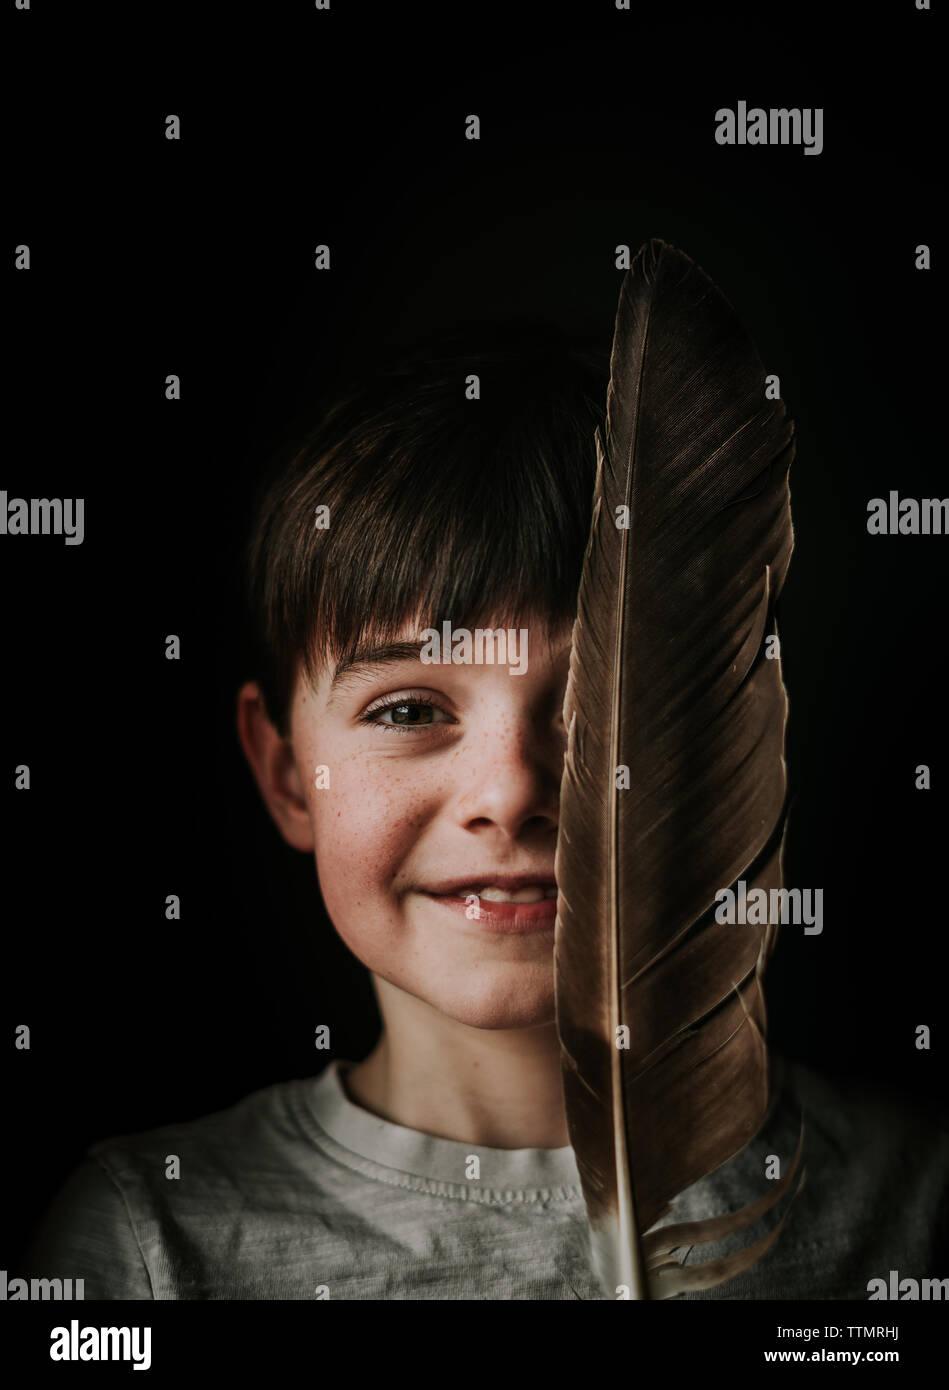 Portrait de jeune garçon tenant un grand feather plus de la moitié de son visage. Banque D'Images